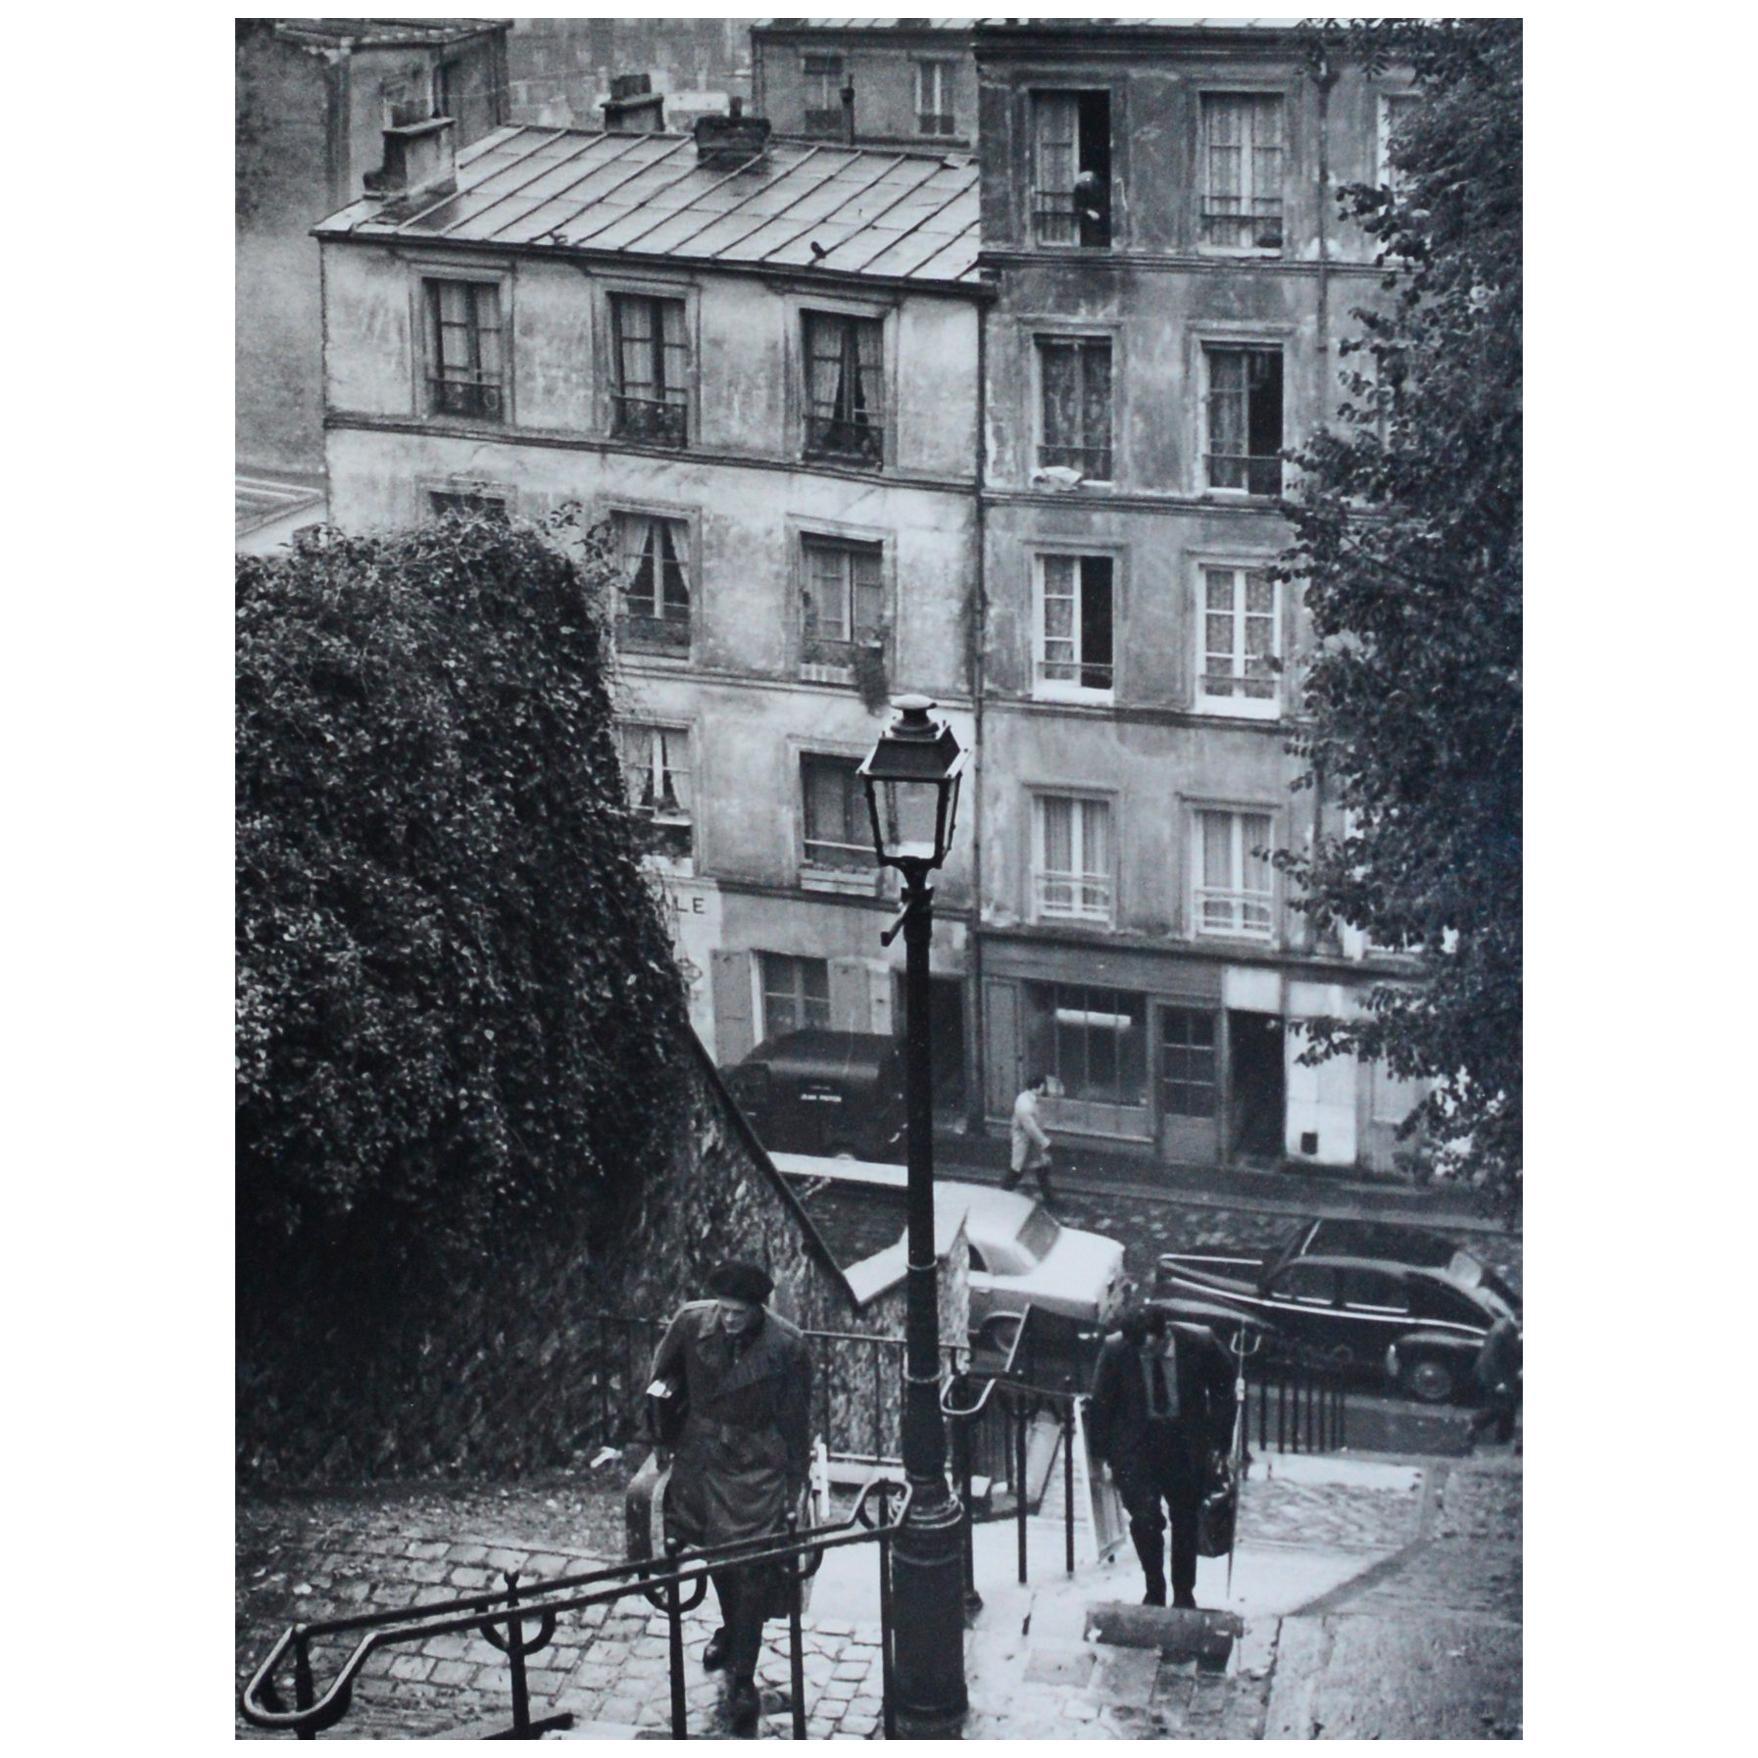 Andre Kertesz 'Montmarte', Paris, 1963